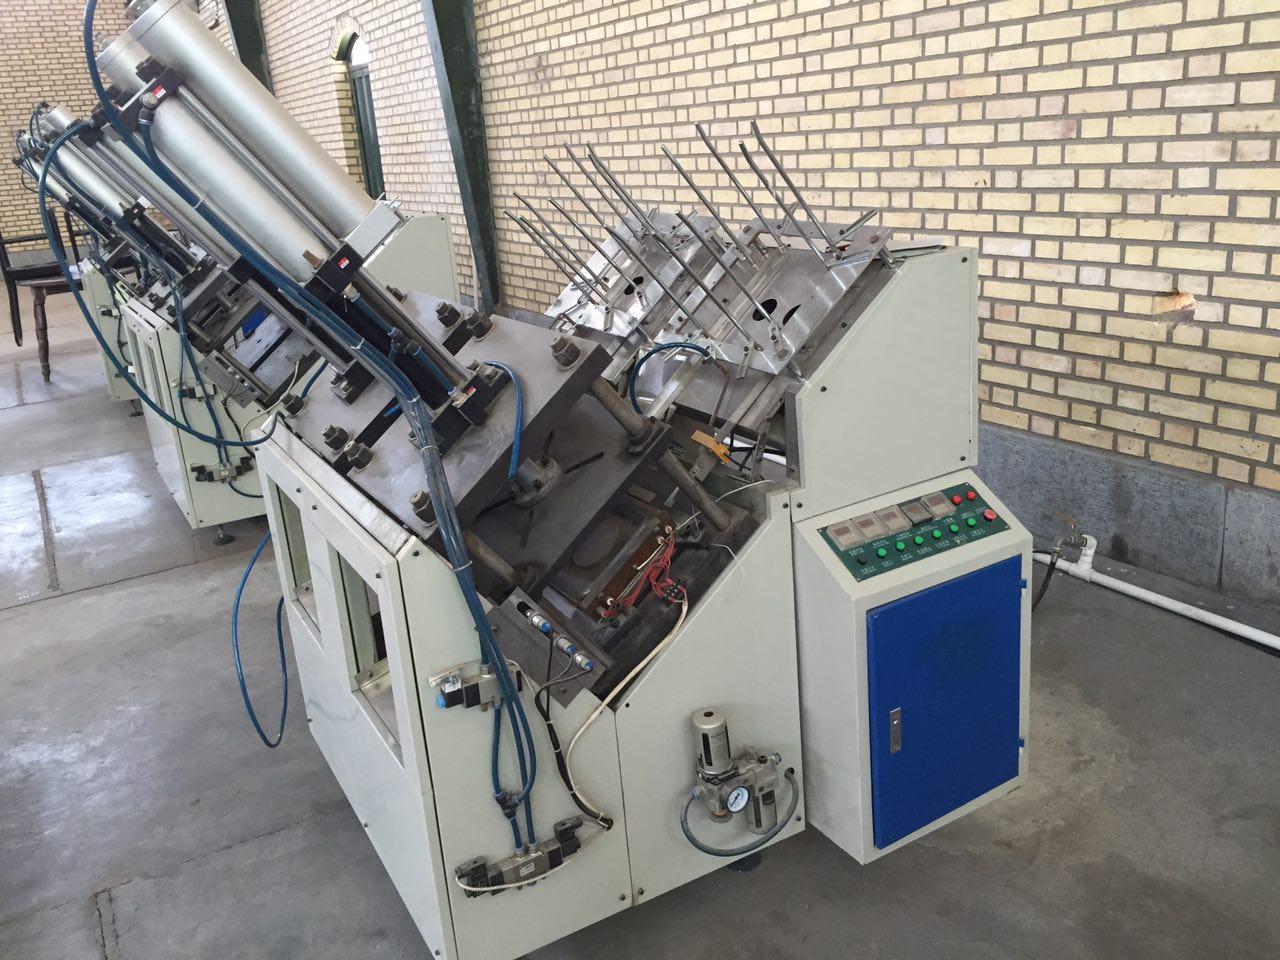 تولید ظروف - ماشین آلات صنعتی – stockmachin- stockmachin.com812233989_52632